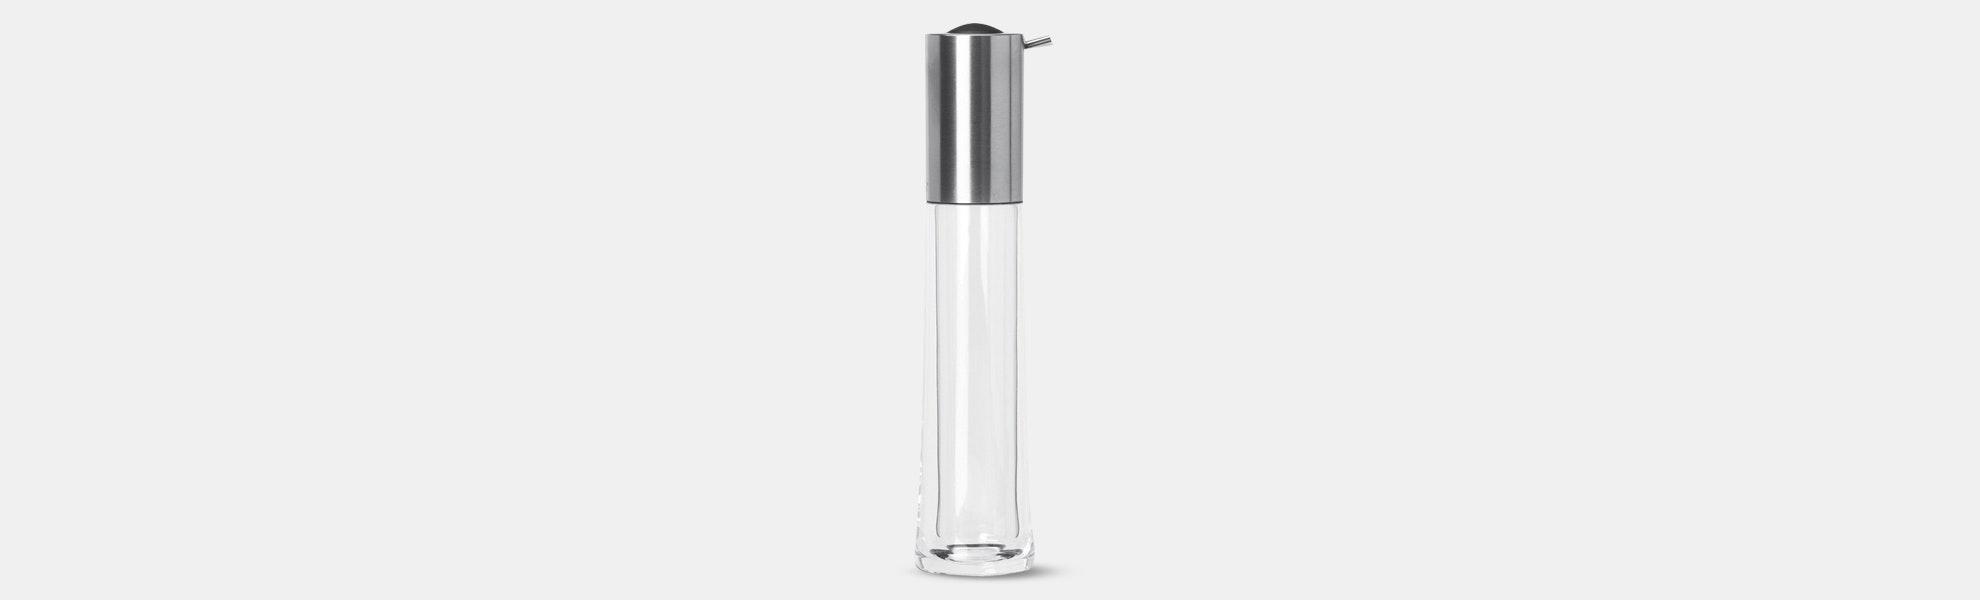 AdHoc Aroma Oil & Vinegar Dispenser